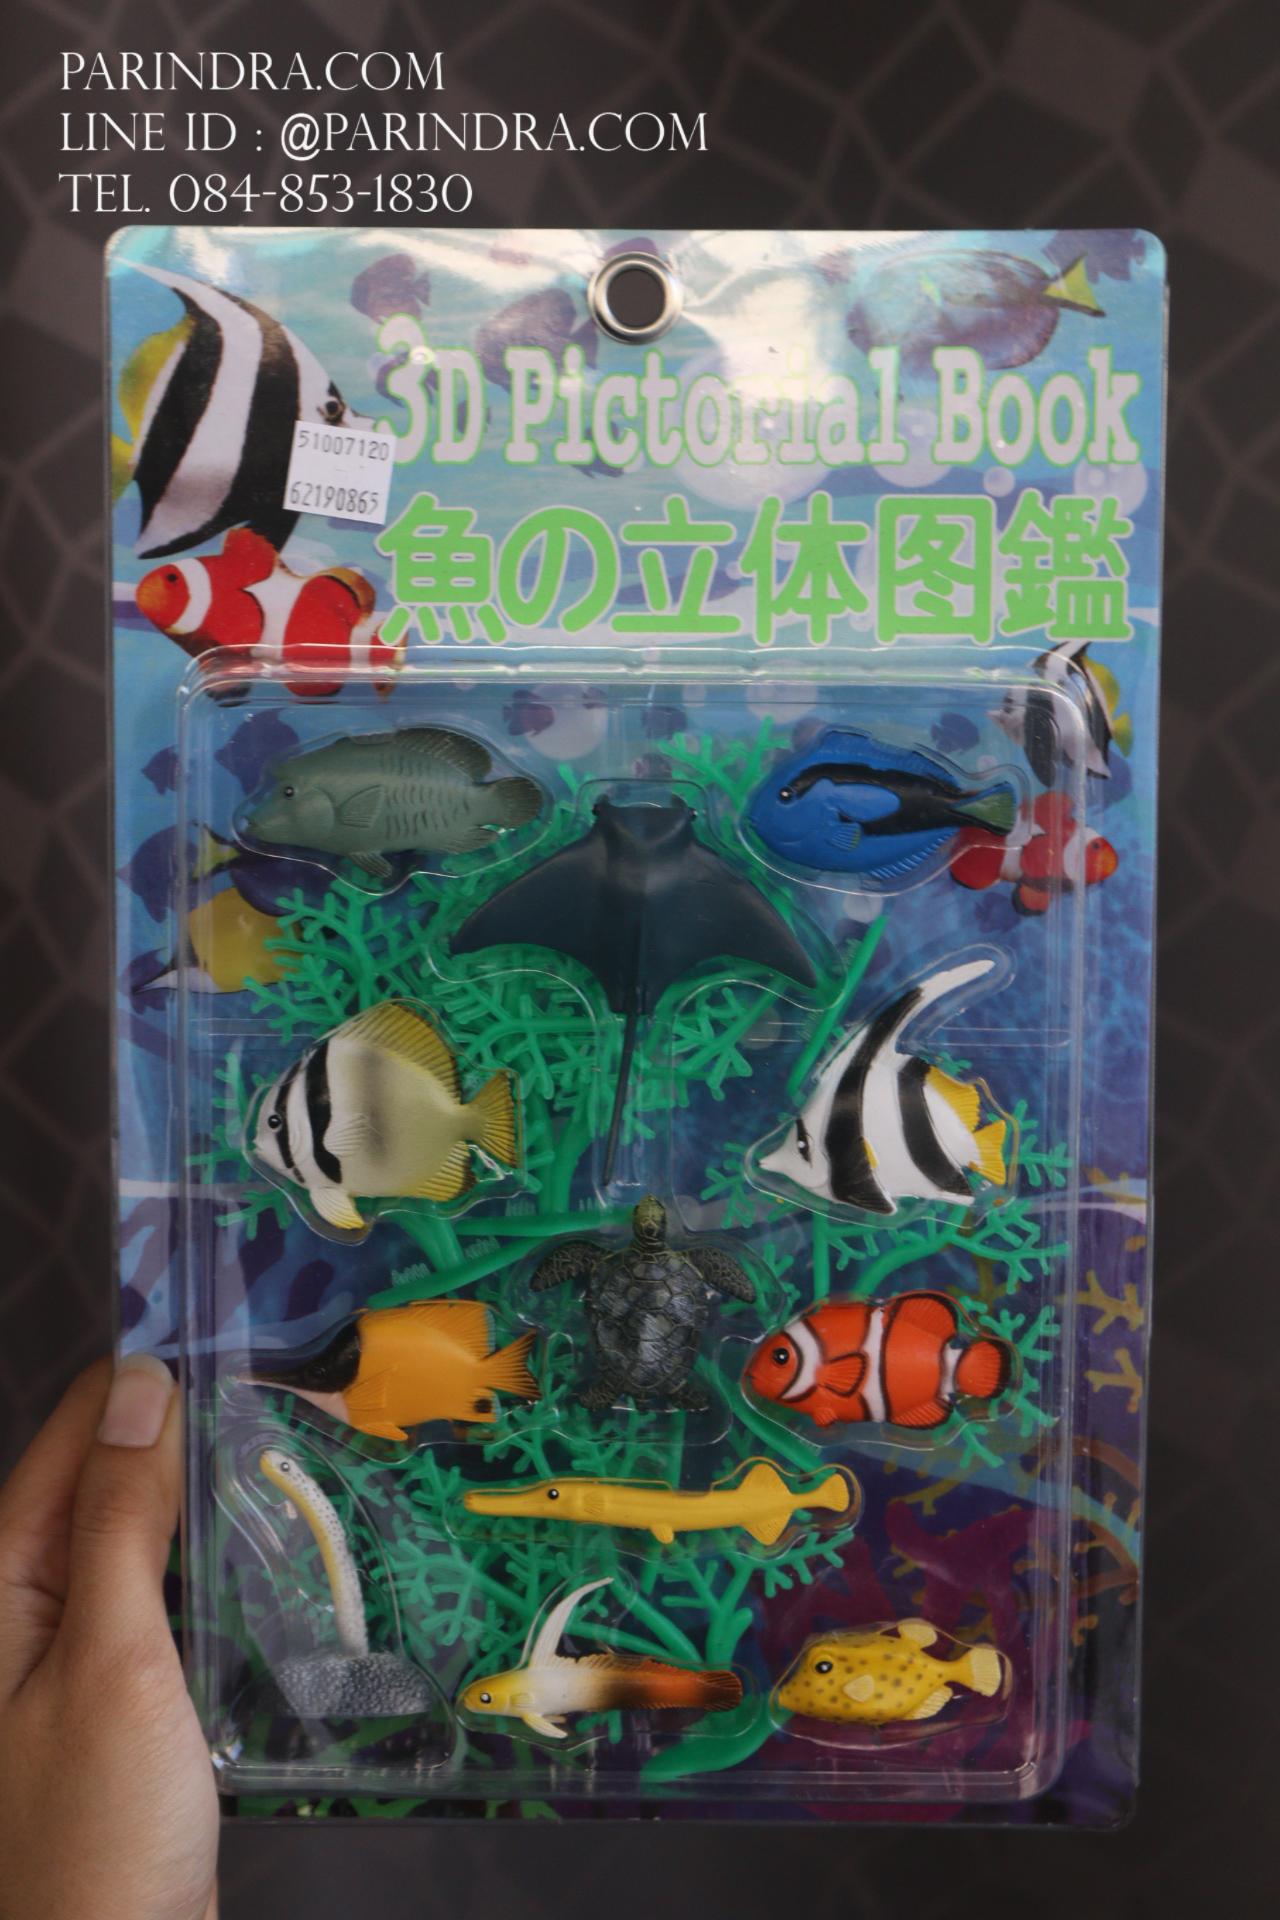 โมเดลสัตว์ปลาทะเล กลุ่มปลาหลากหลายสายพันธุ์